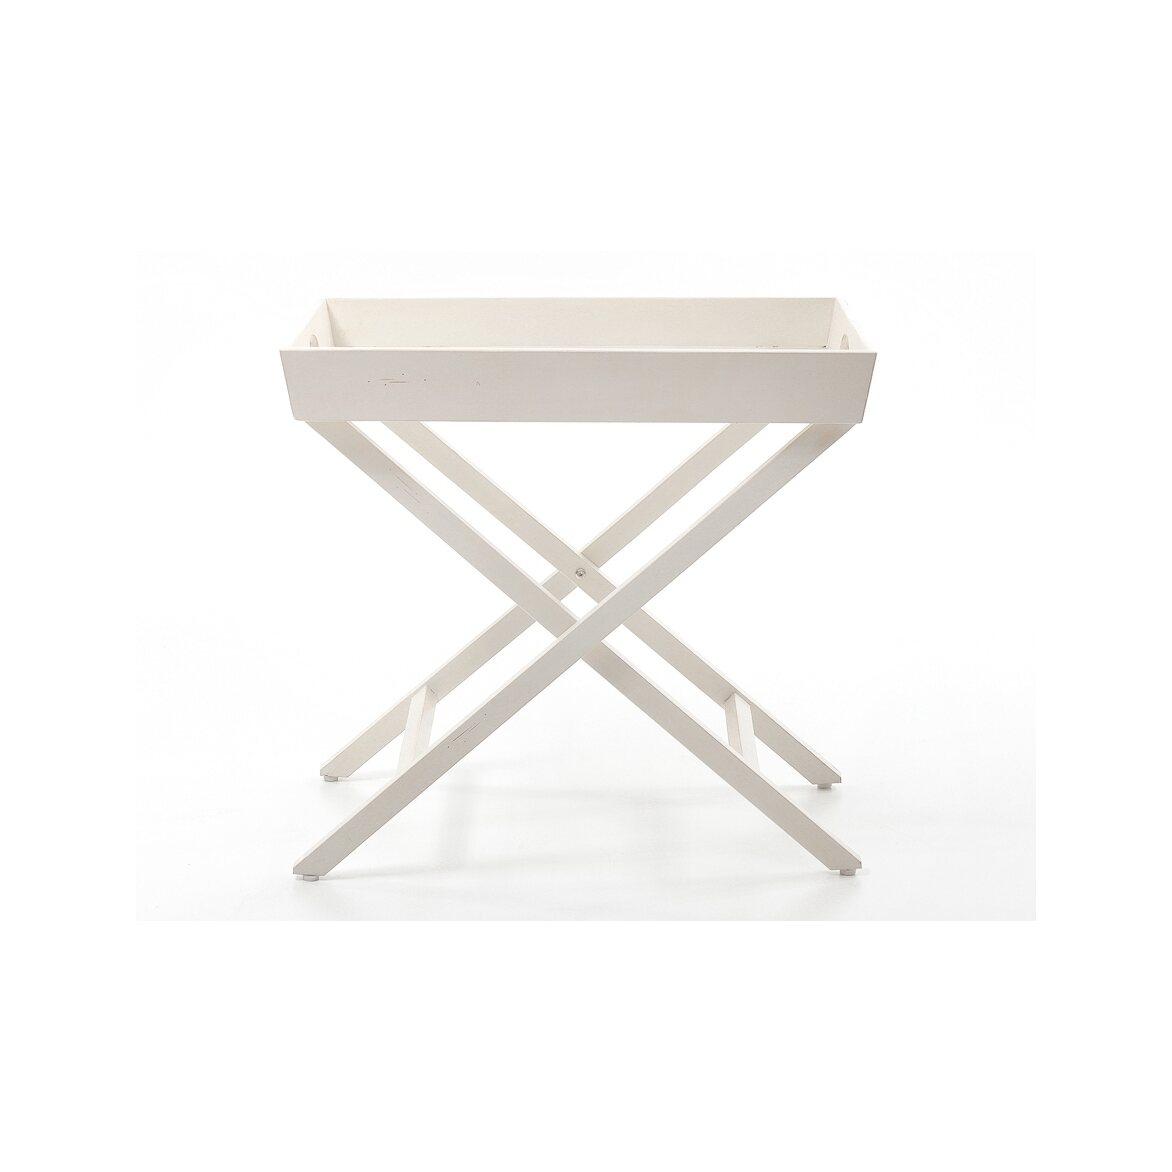 Раскладной столик Leontina, бежевого цвета 3 | Кофейные столики Kingsby